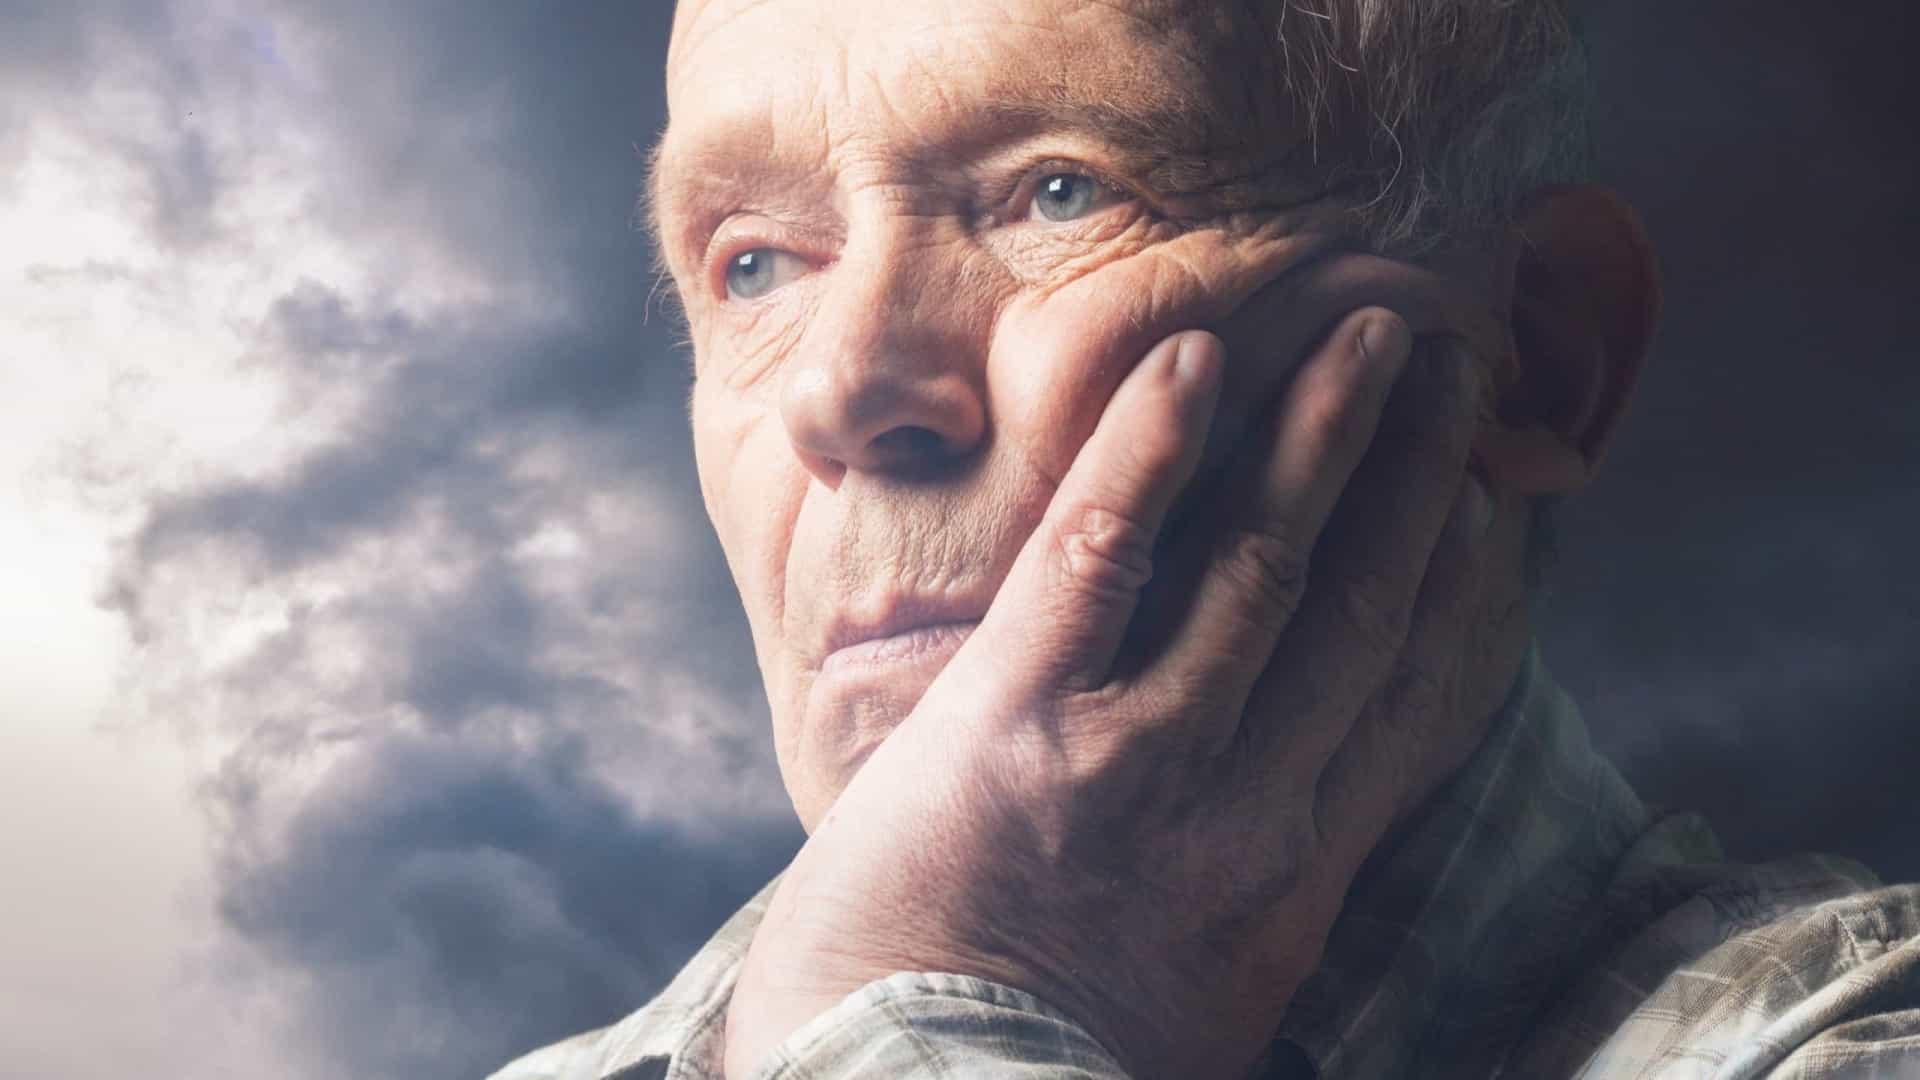 naom 5f8e92b96c0e2 - Fique atento! Os dez primeiros sintomas de demência